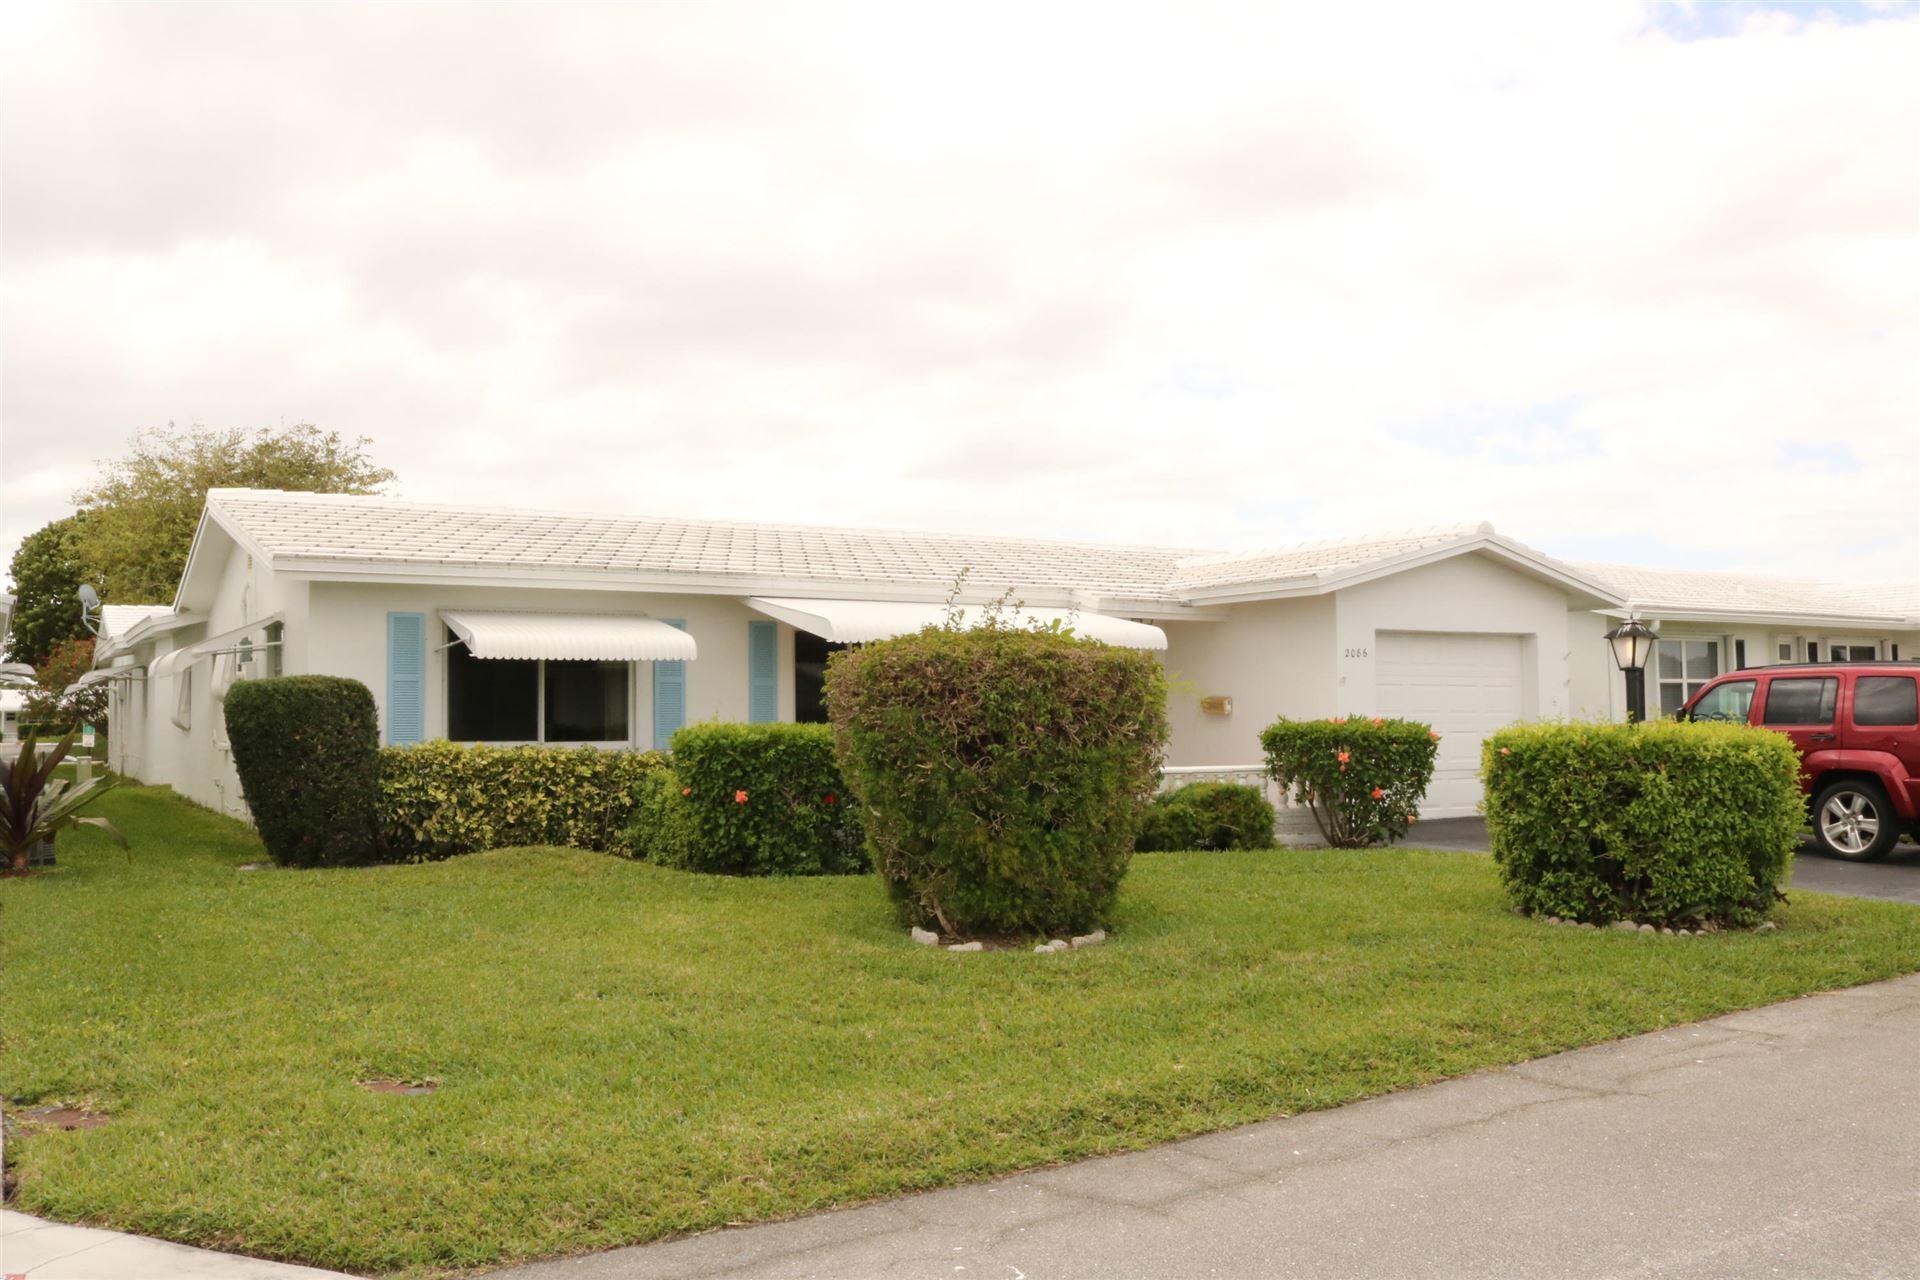 2086 SW 12th Avenue, Boynton Beach, FL 33426 - #: RX-10631783